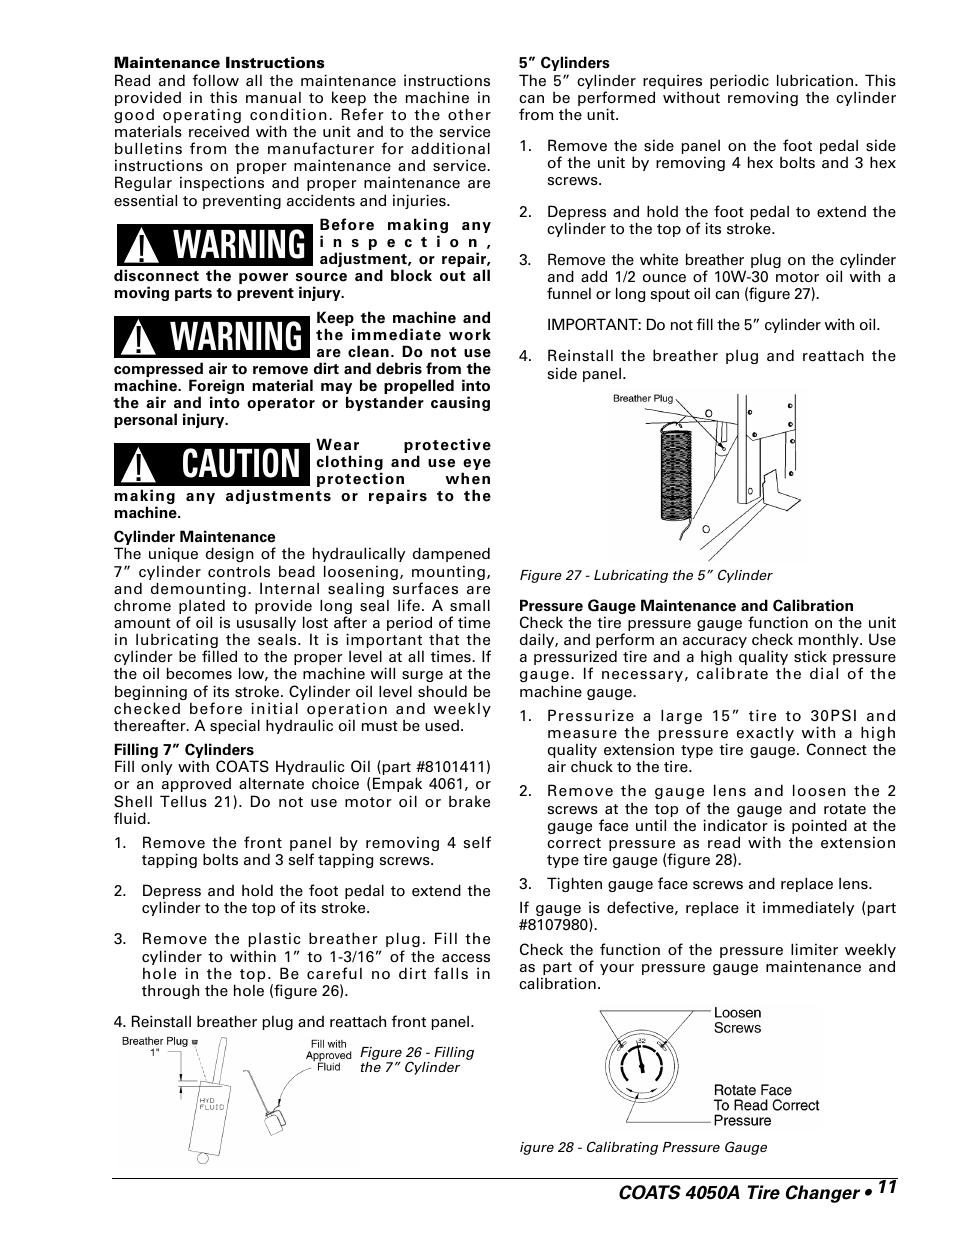 Ice-21 manual